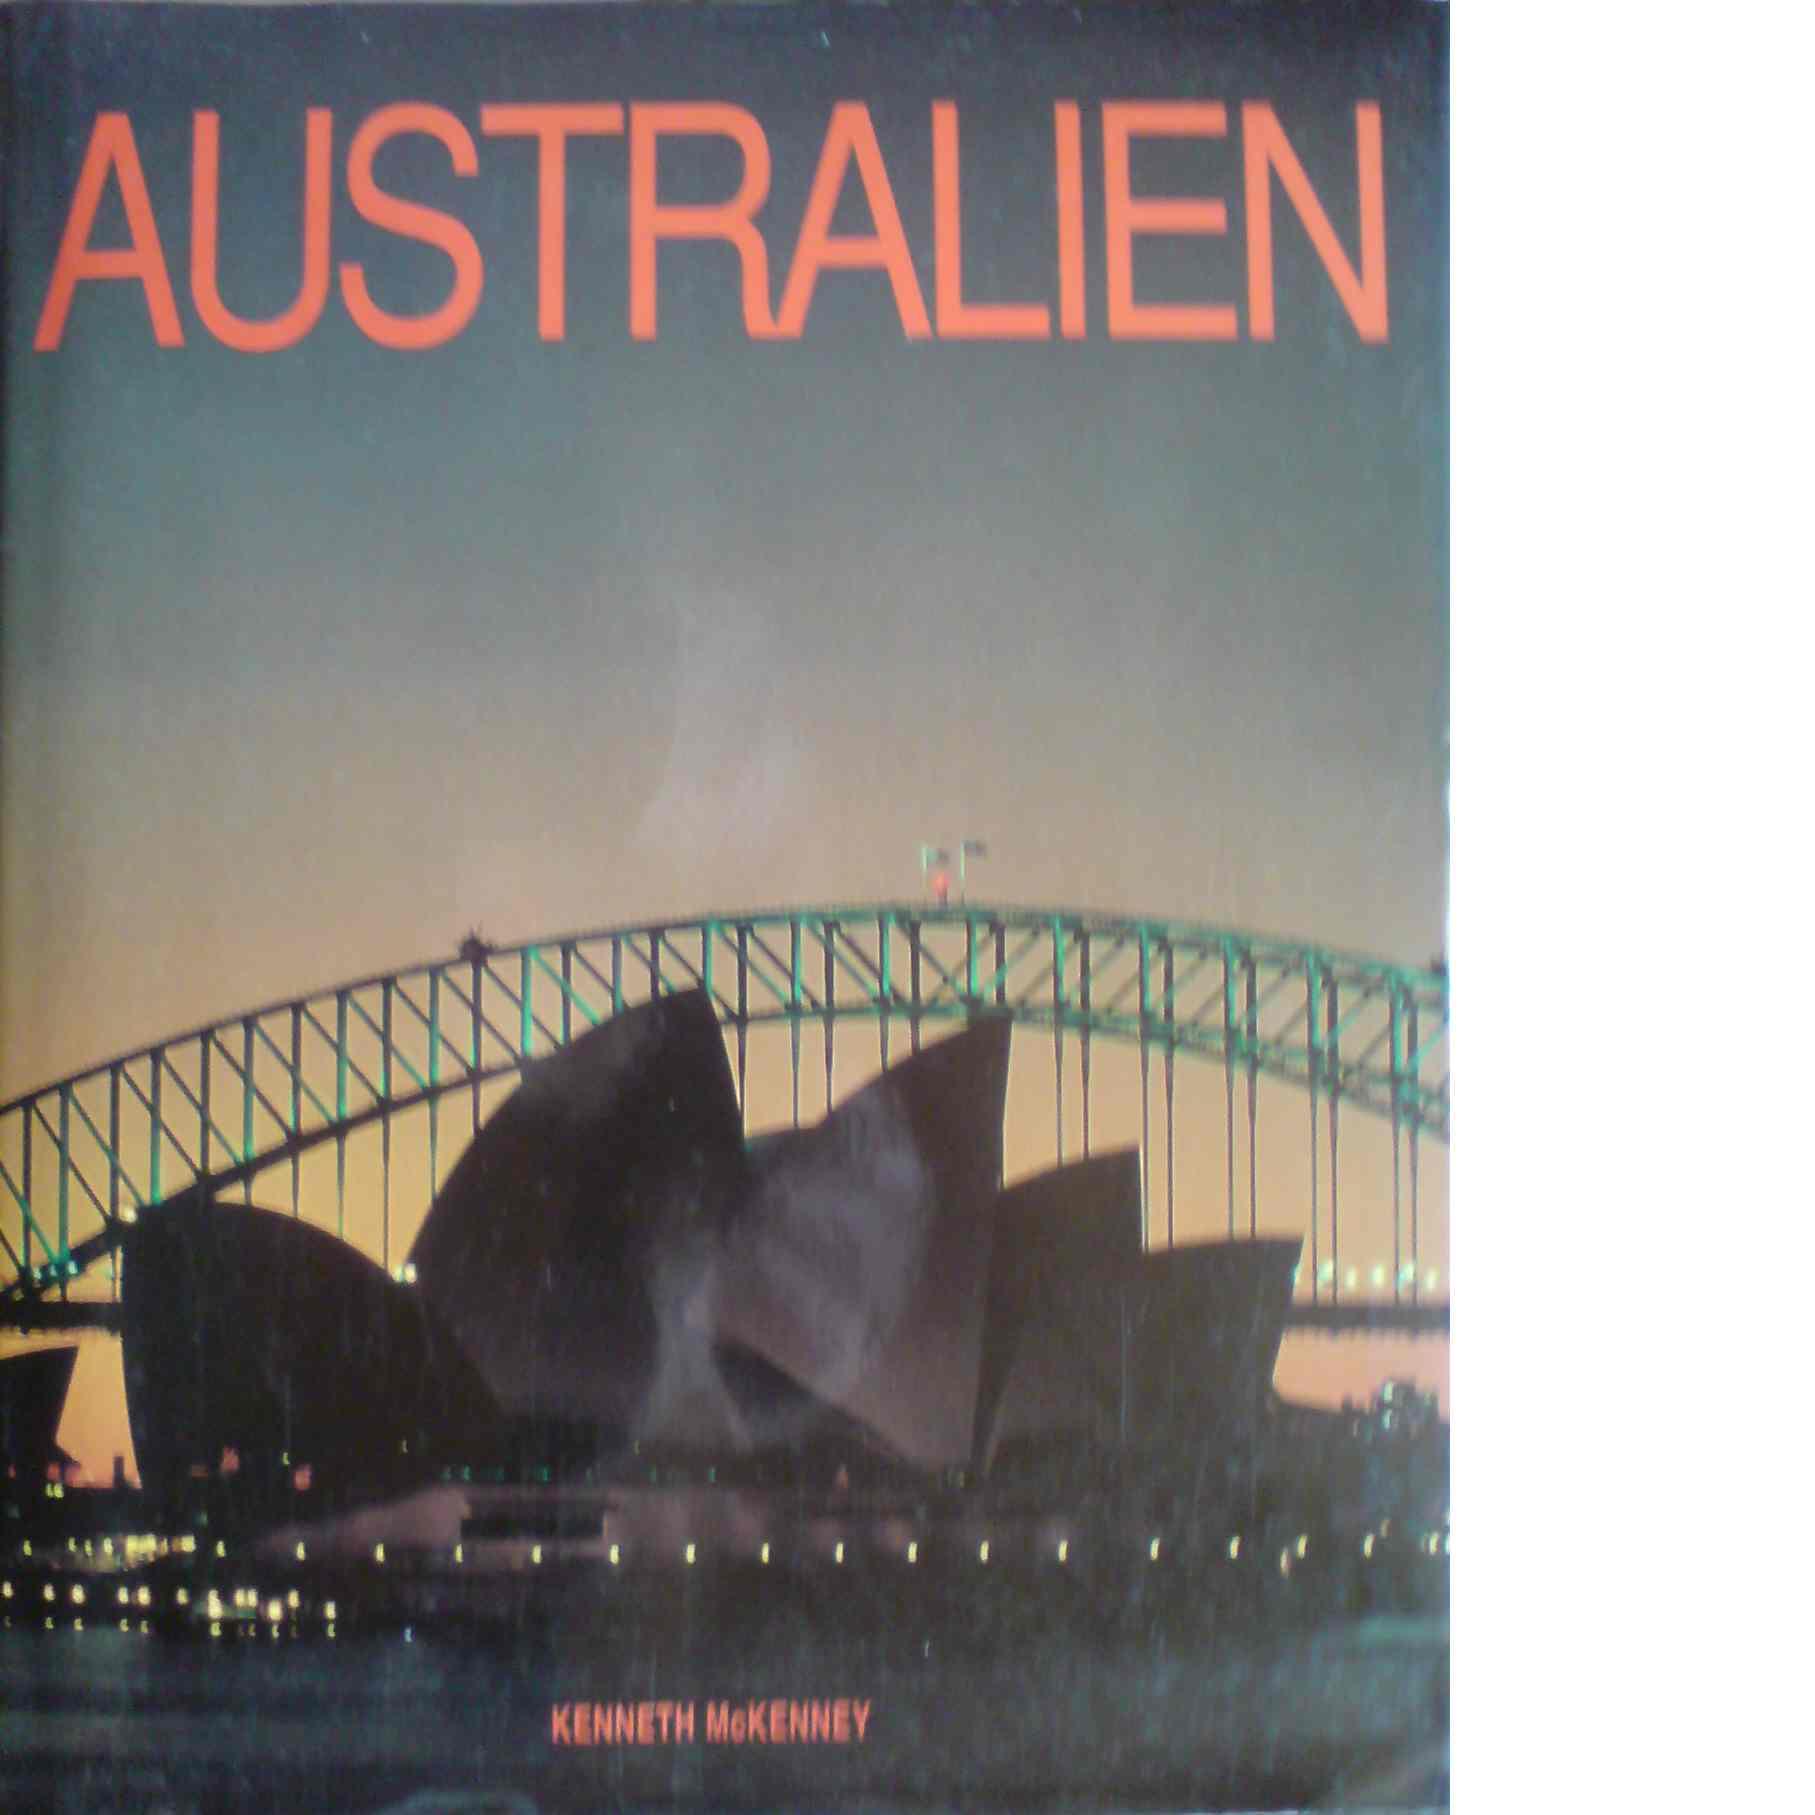 Australien - McKenney, Kenneth